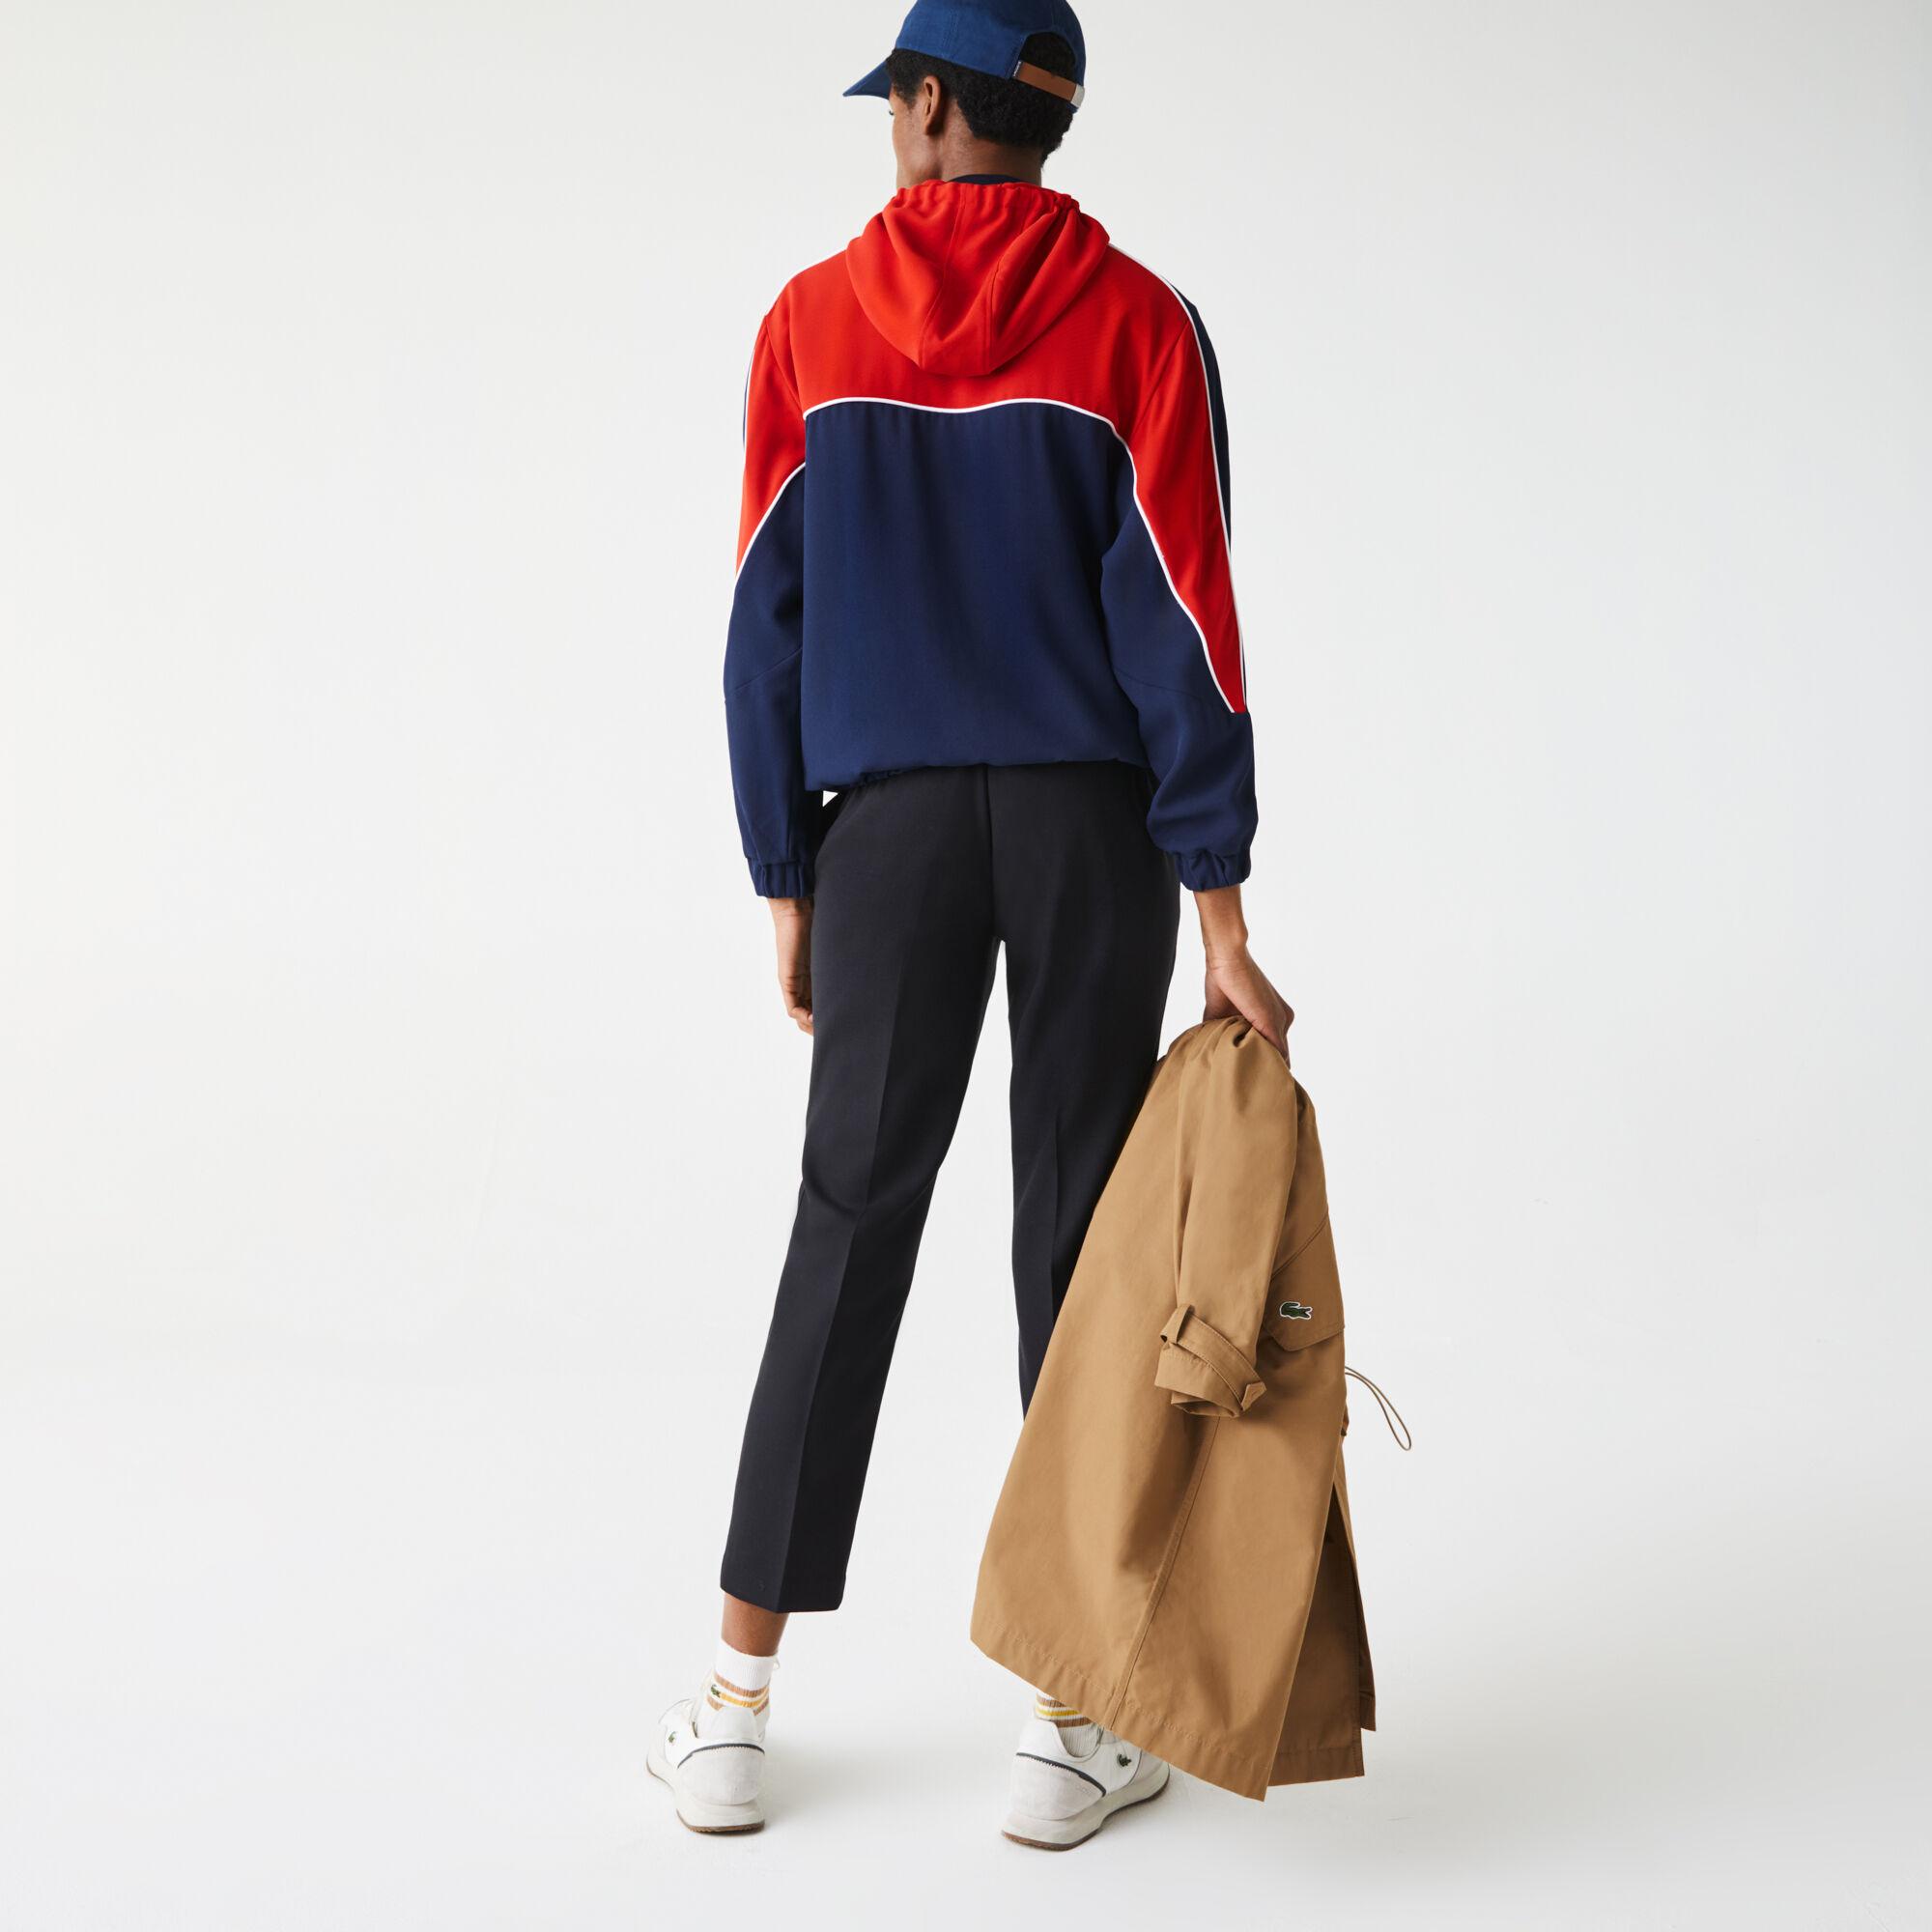 Women's Hooded Colorblock Zip Sweatshirt